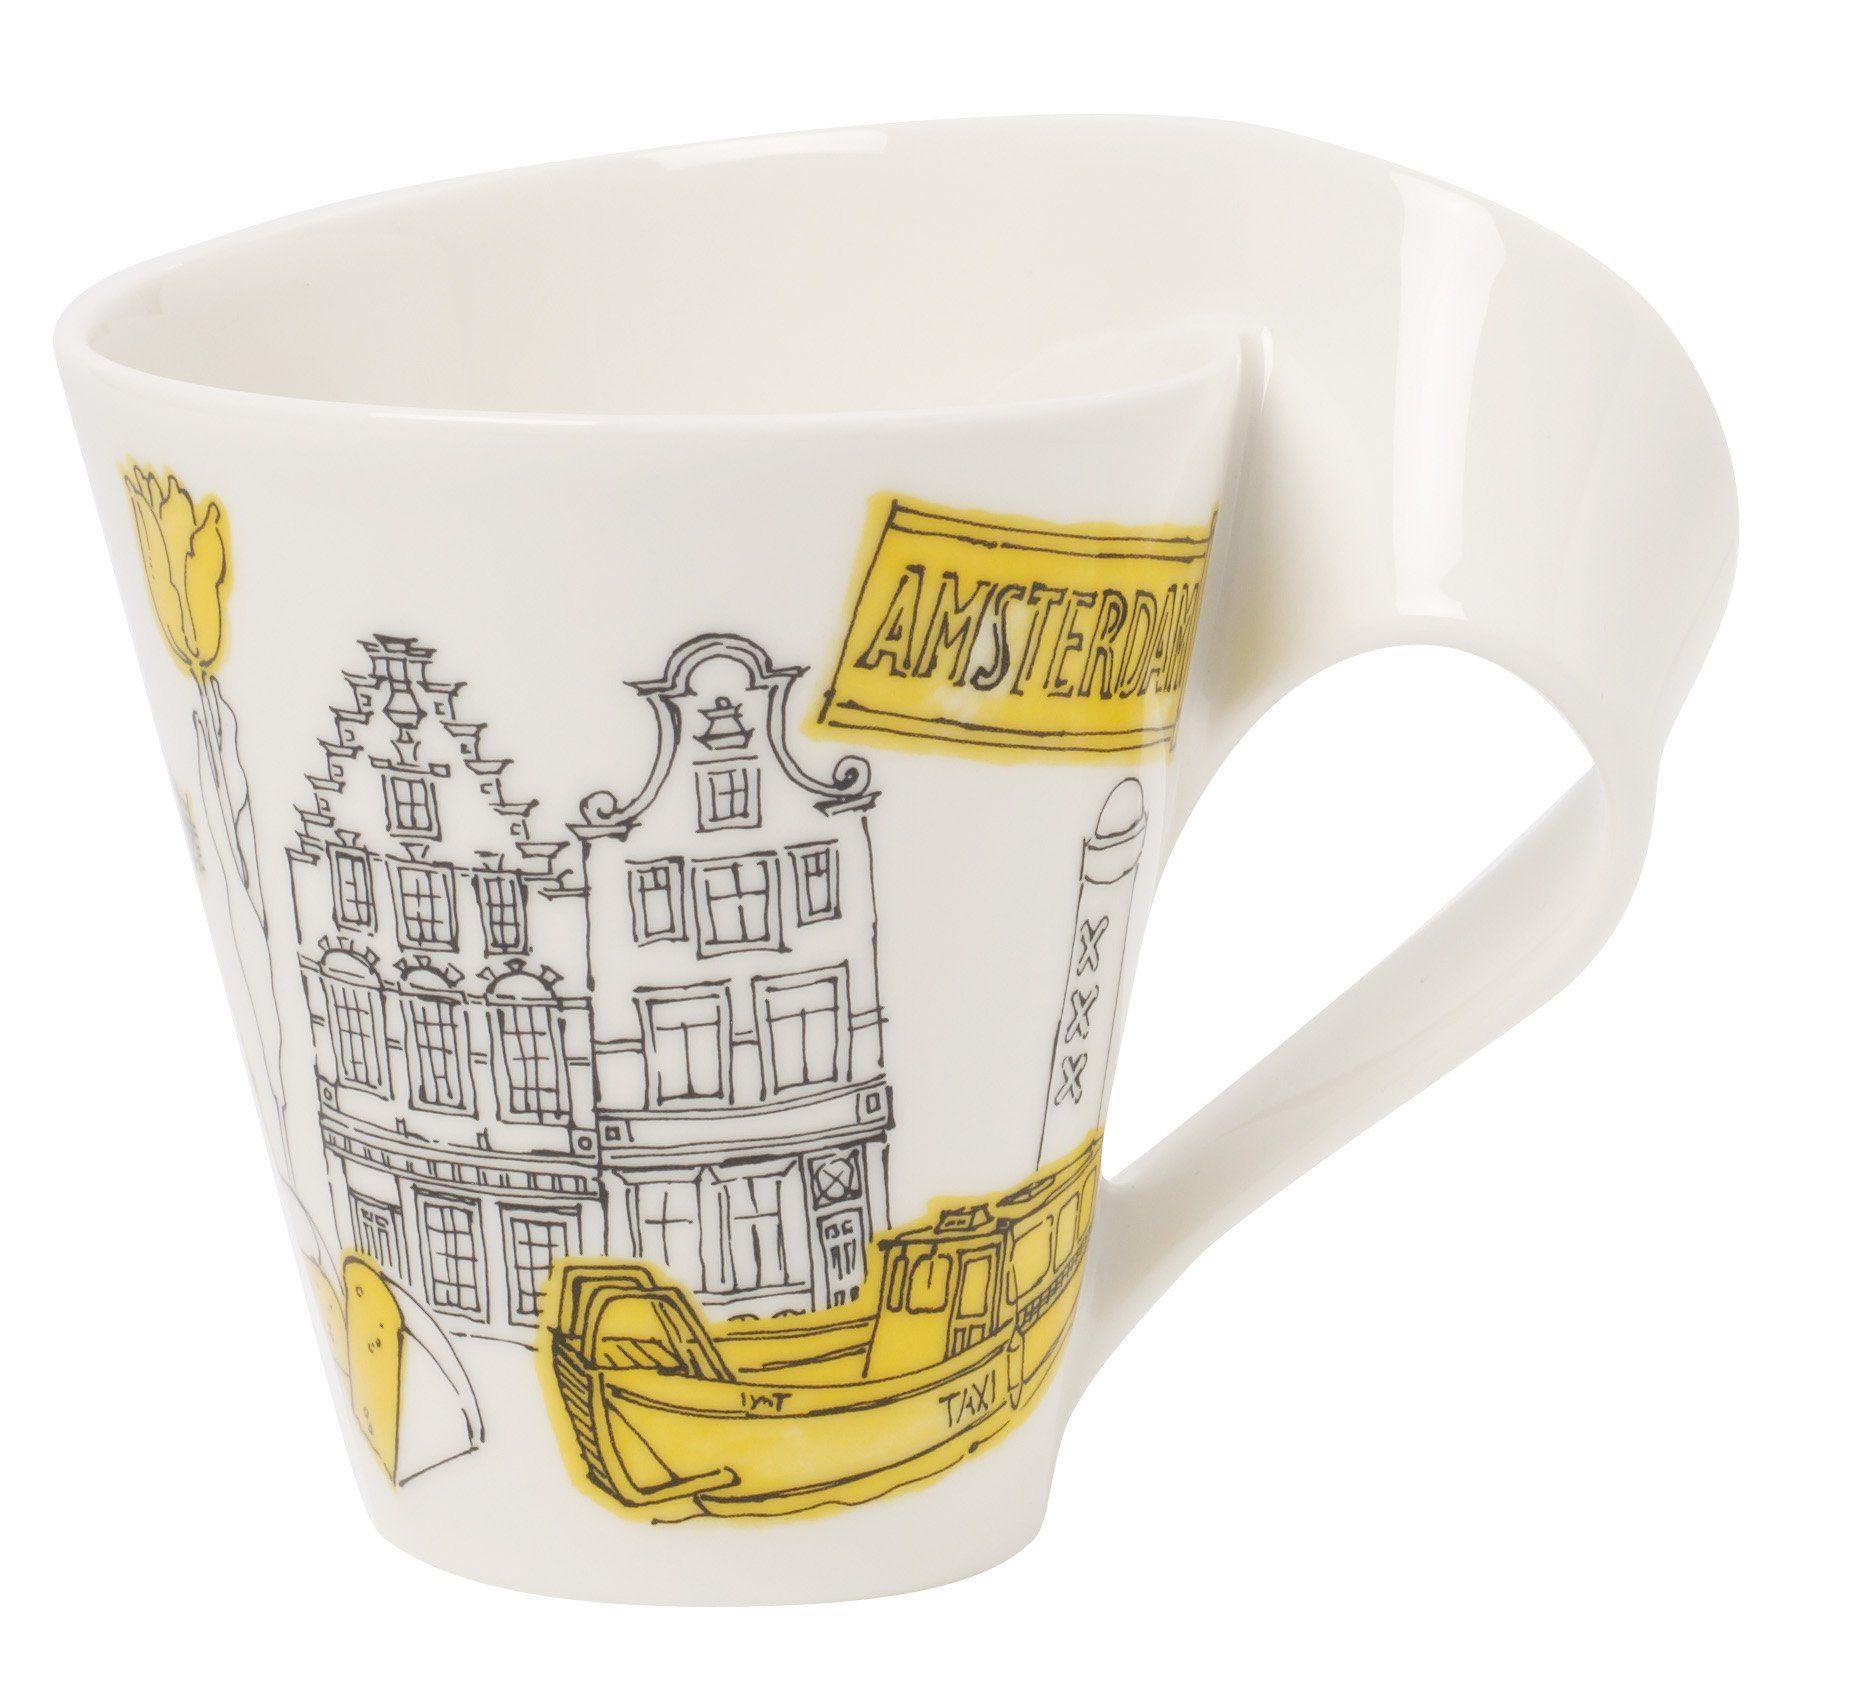 Villeroy & Boch Kaffeebecher Amsterdam »Cities of the World«